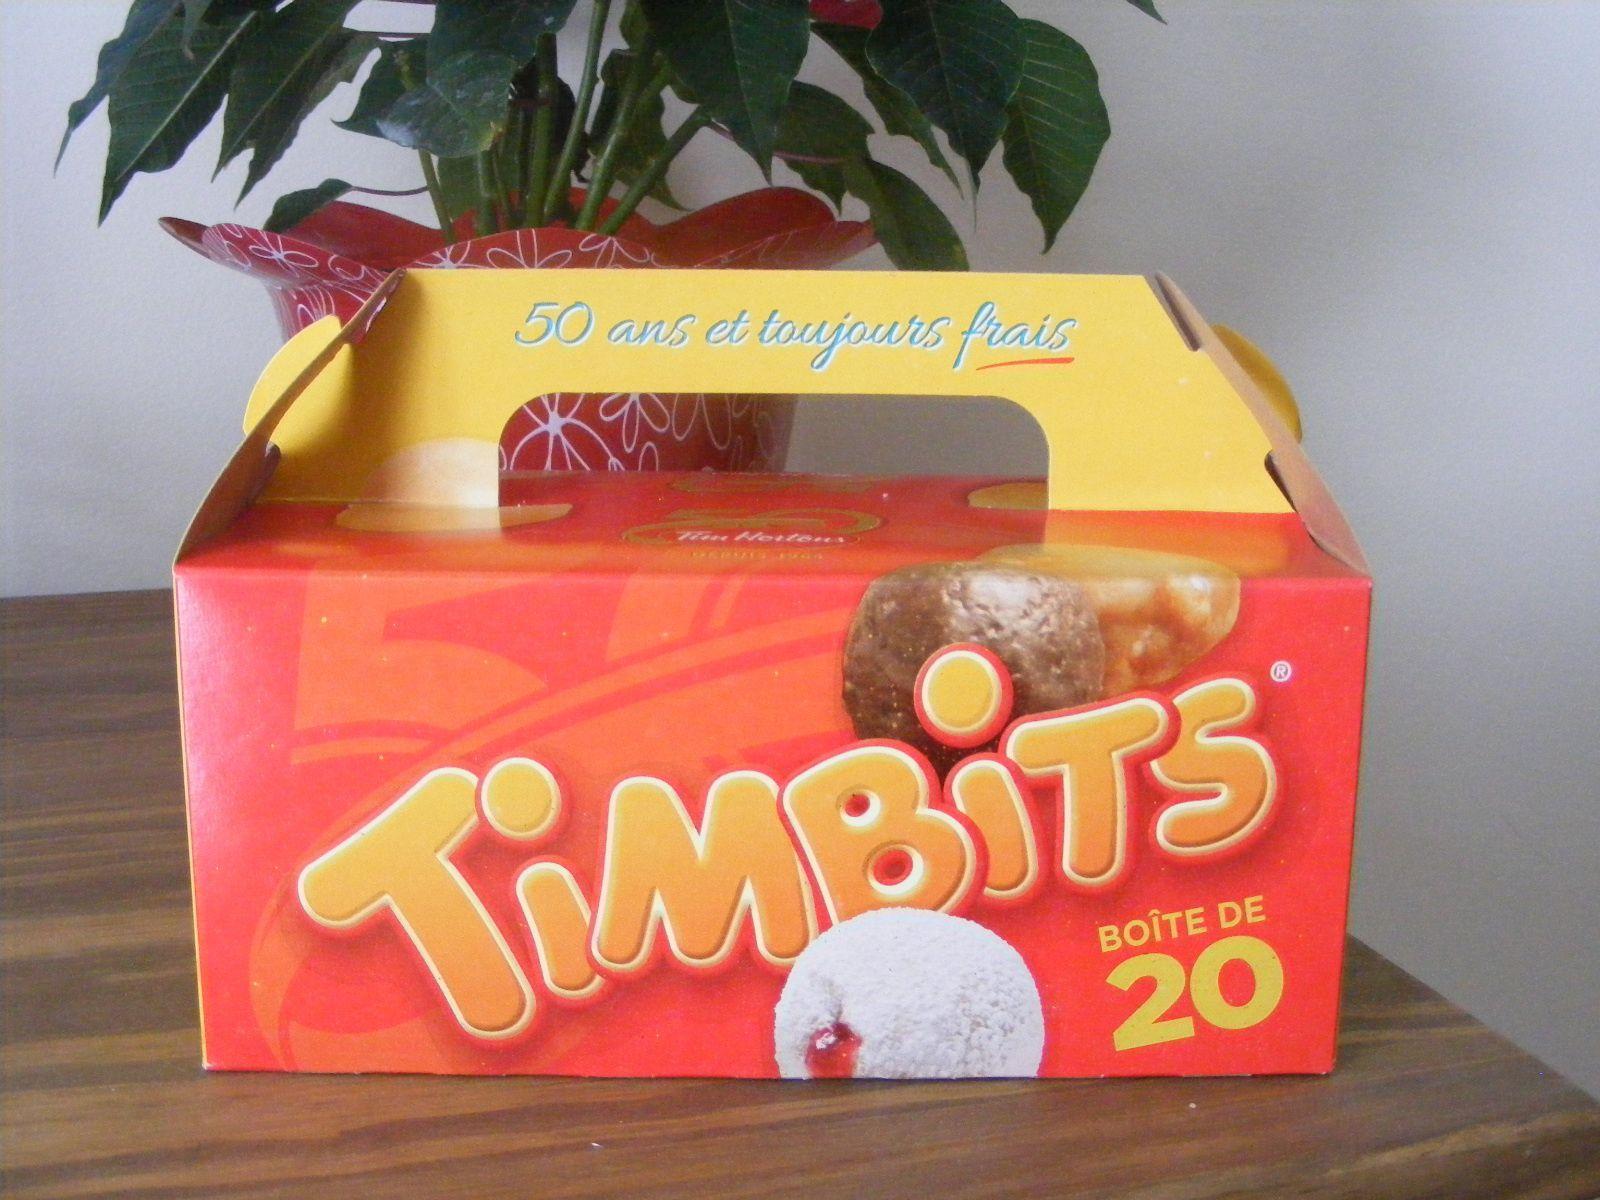 """Boîte de """"timbits"""", c'est-à-dire de """"trous de beignes"""", c'est-à-dire d'intérieurs de beignets que l'on retire des beignets, sinon les beignets ne seraient pas des beignets mais des galettes. Je crois que l'on ne peut pas être plus clair."""